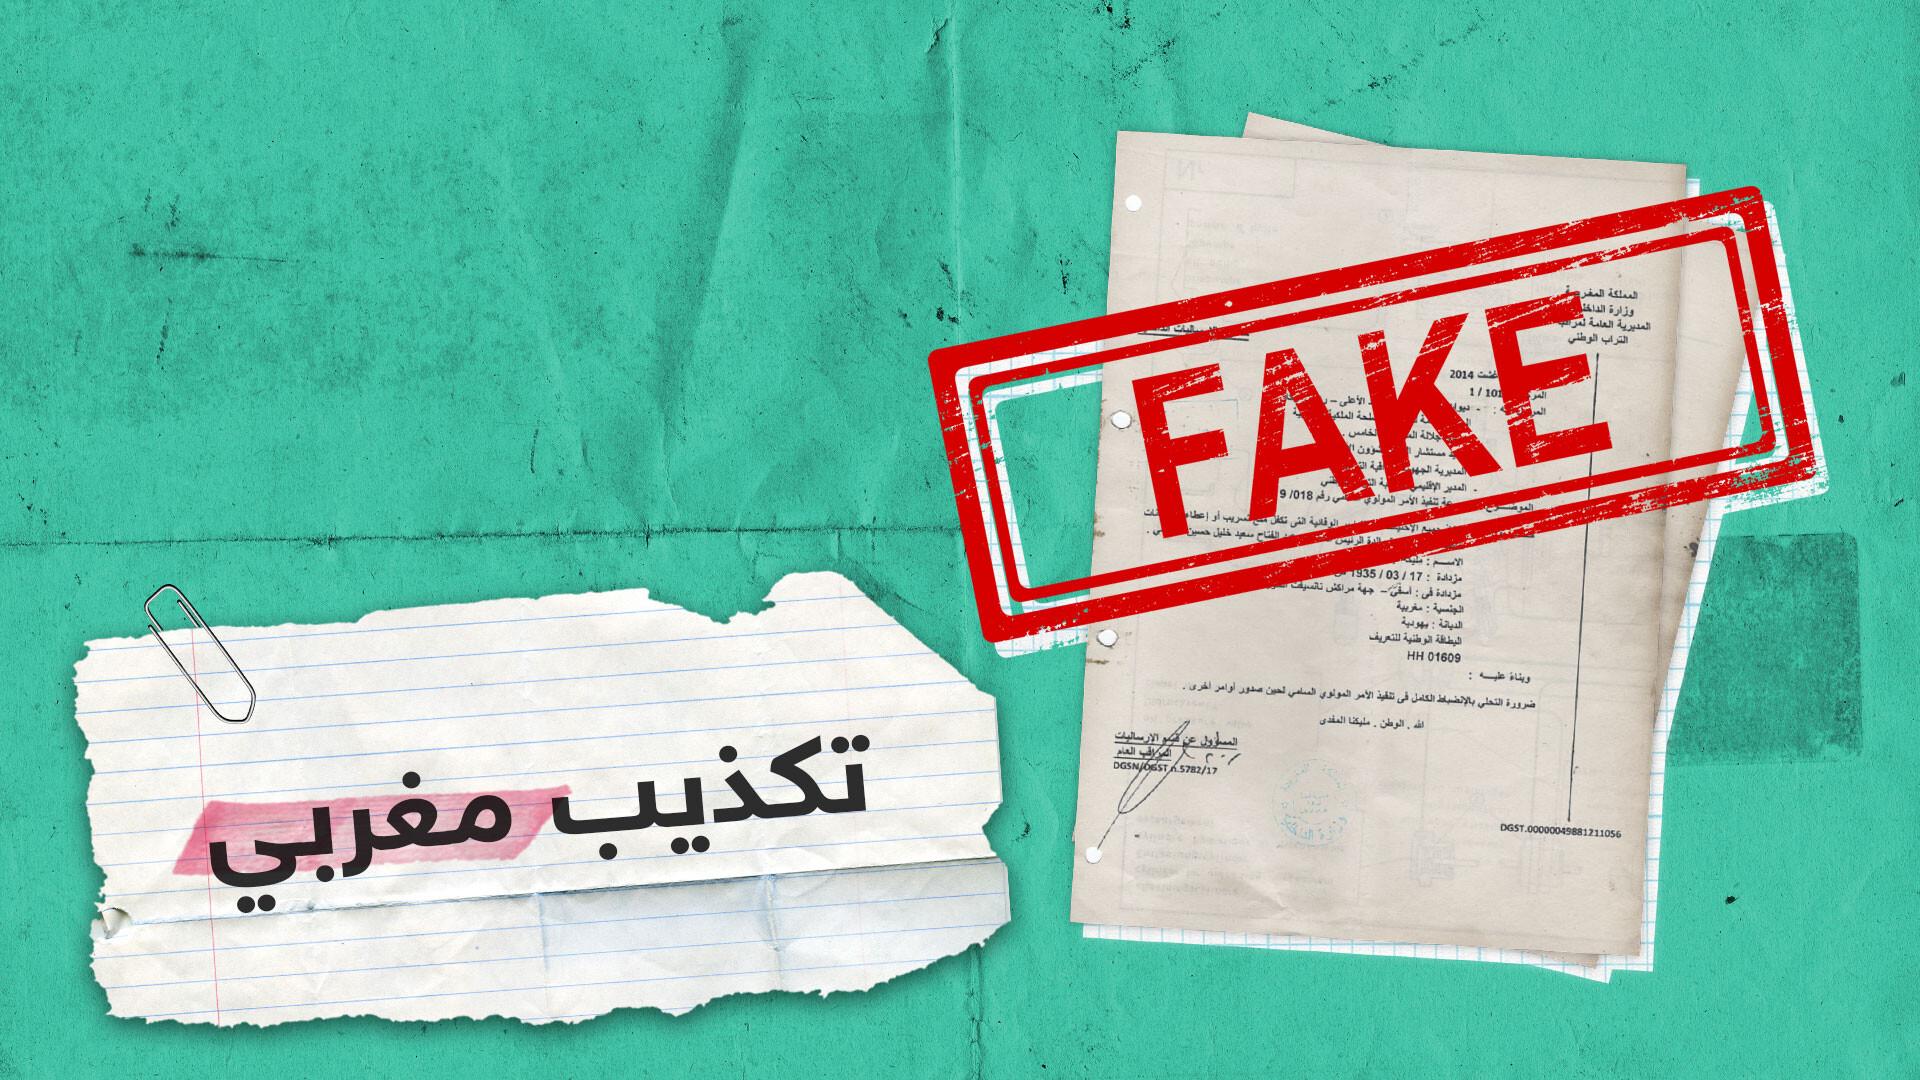 مزورة ومحرفة.. تكذيب مغربي لوثيقتين متداولتين عن والدة الرئيس المصري